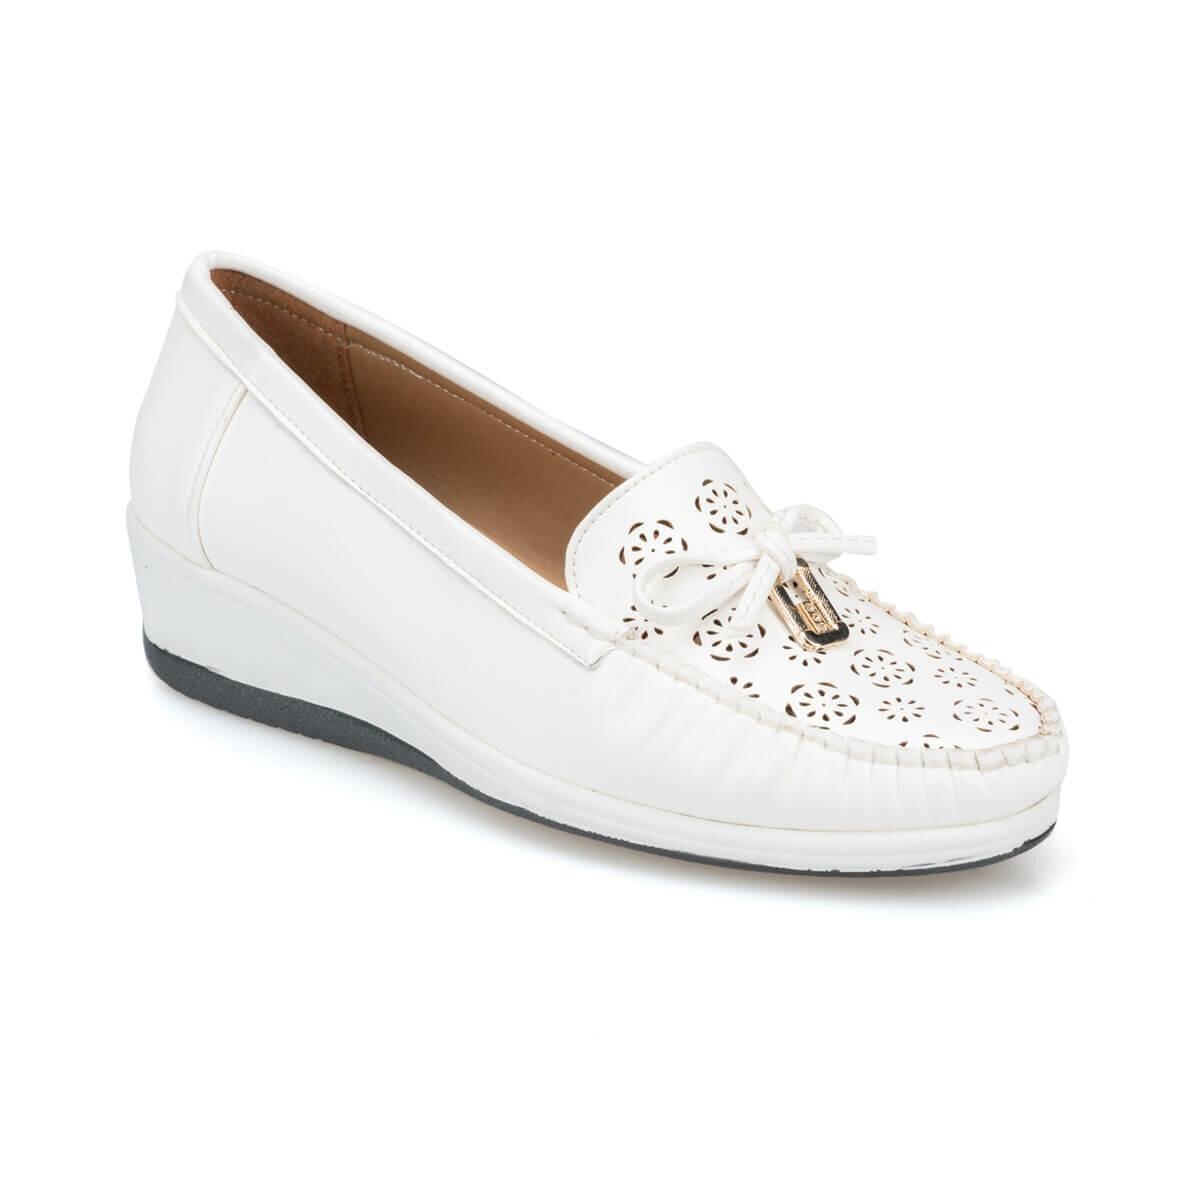 FLO 91.150695.Z White Women 'S Shoes Polaris